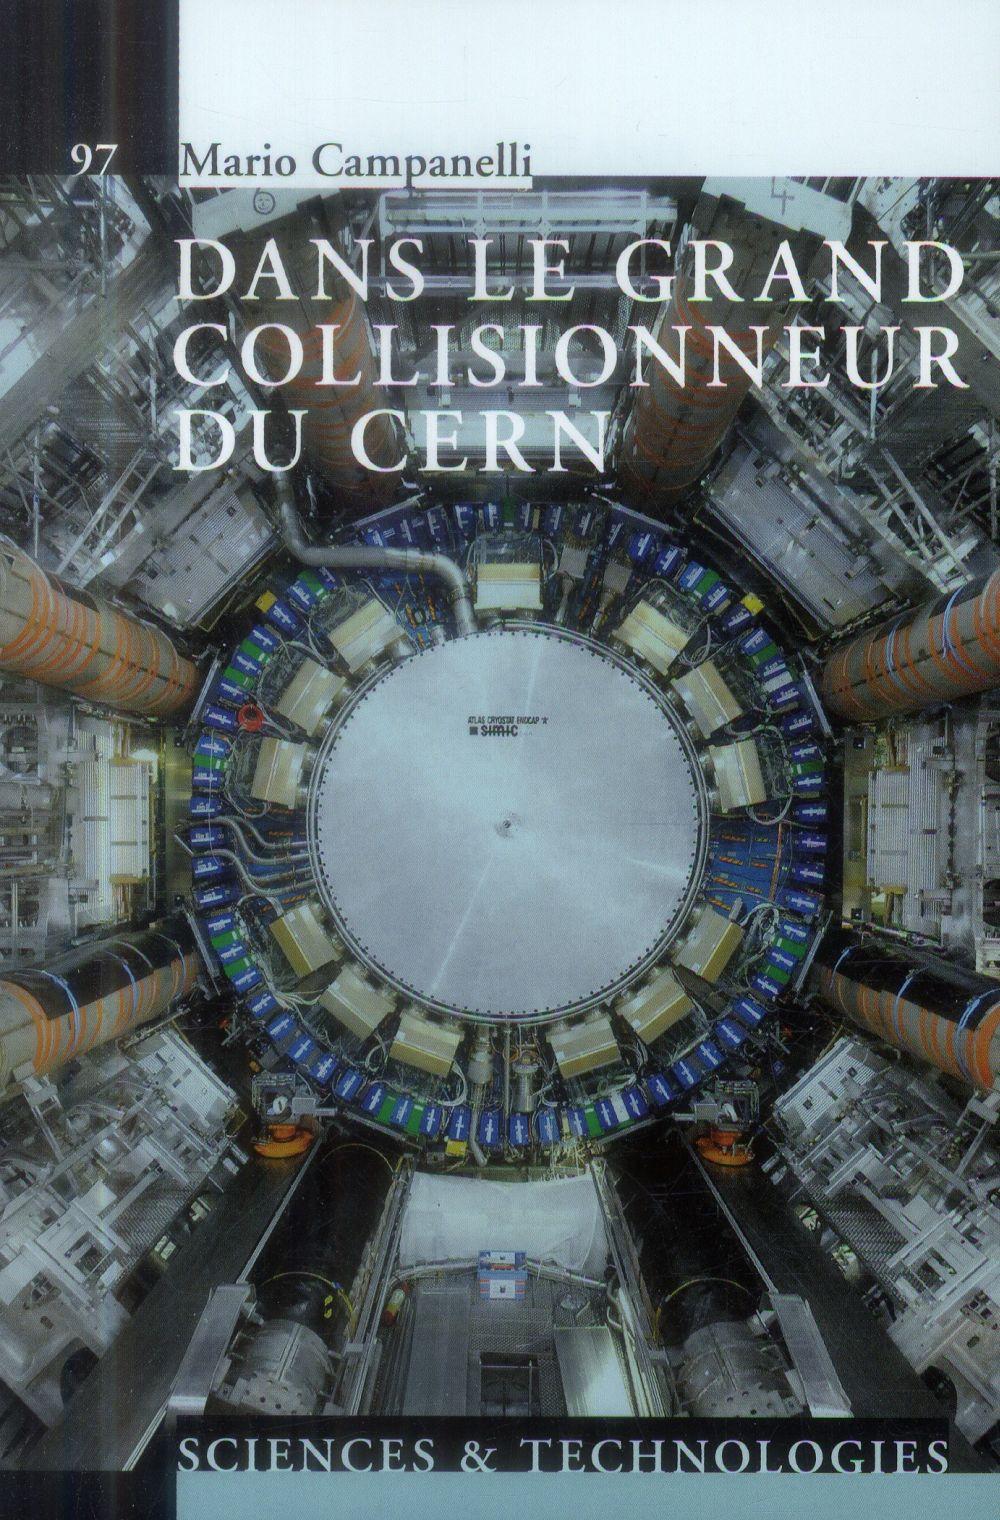 DANS LE GRAND COLLISIONNEUR DU CERN